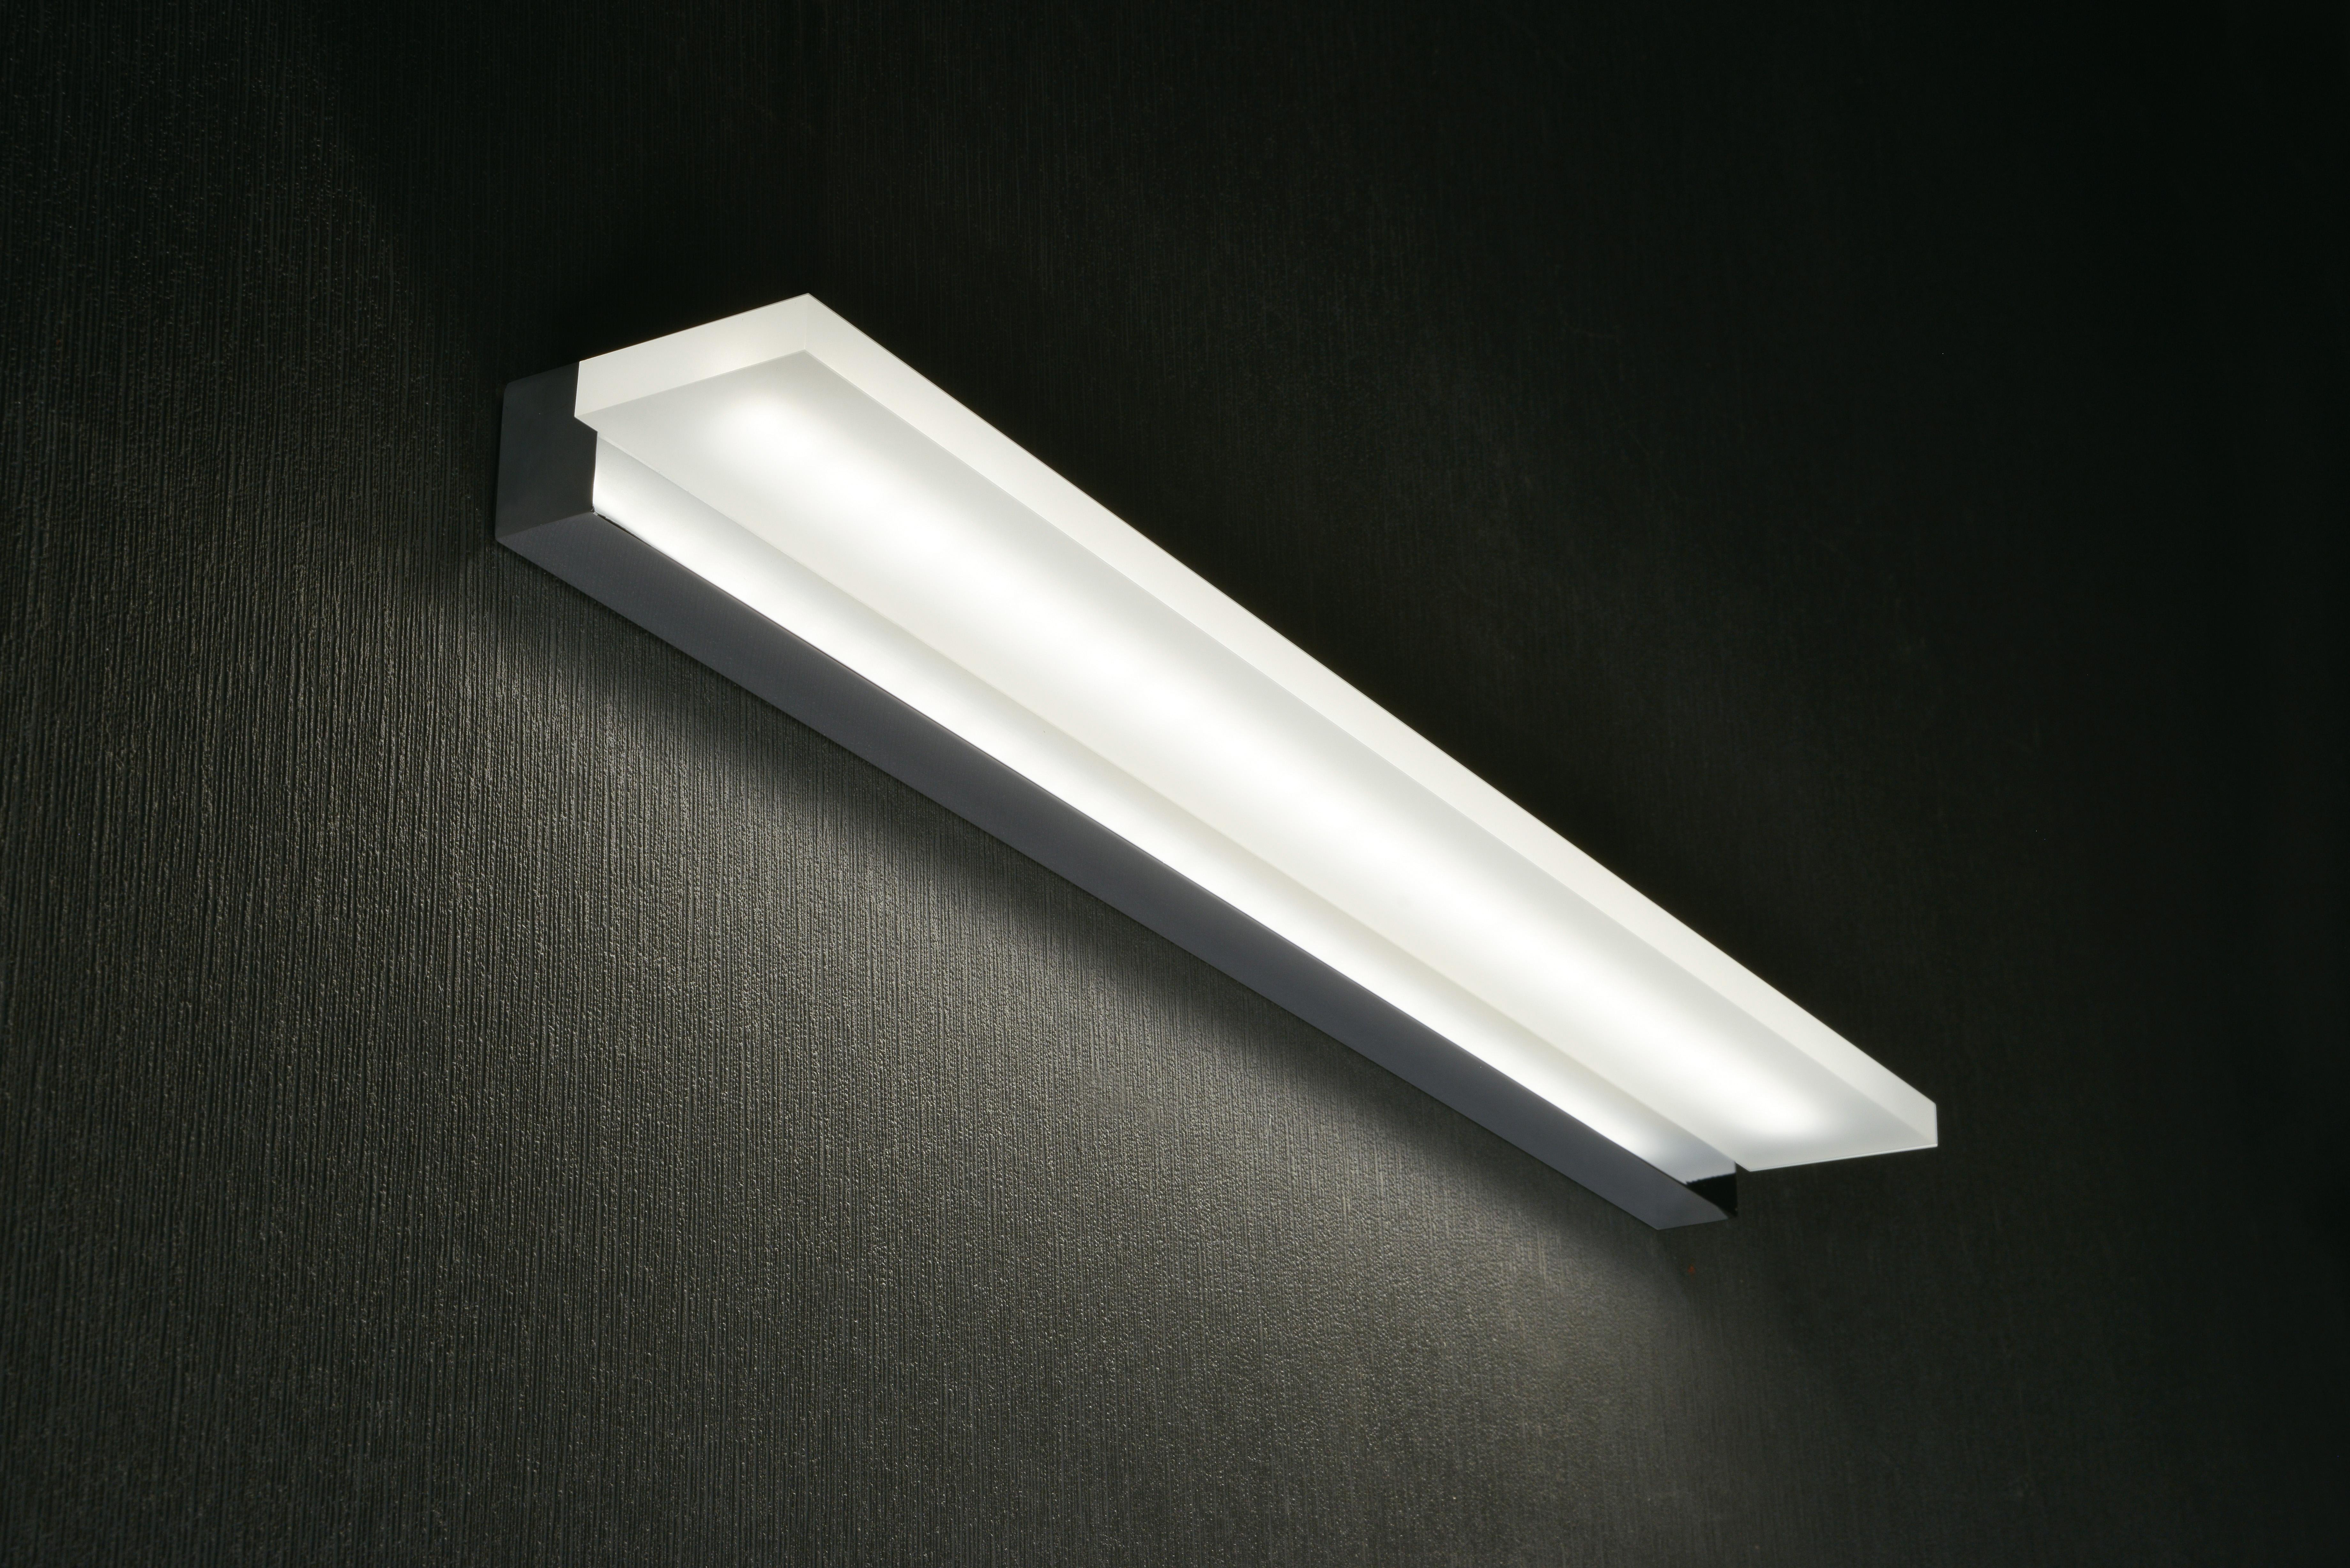 Plafoniere Da Parete Alternative : Step lampada da parete a led integrati lampade stil lamp